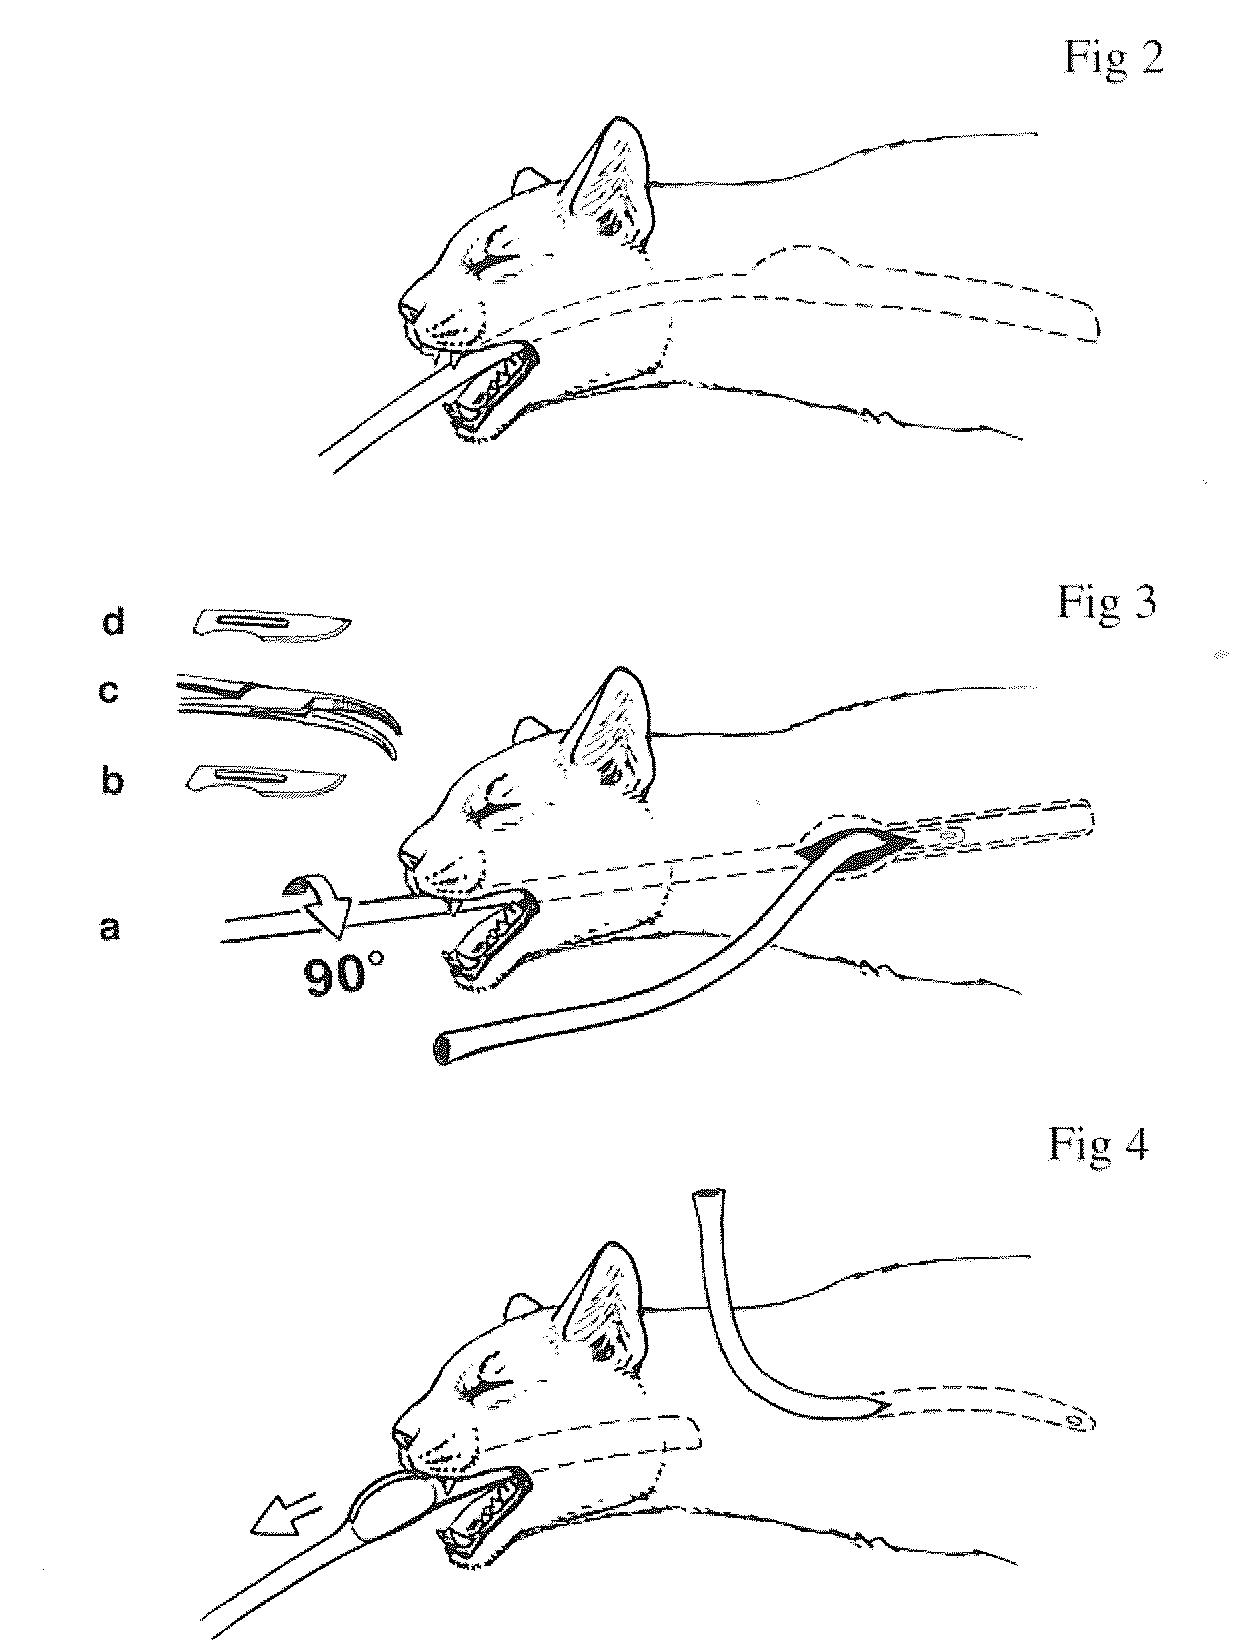 Esophagostomy Tube Insertion Device